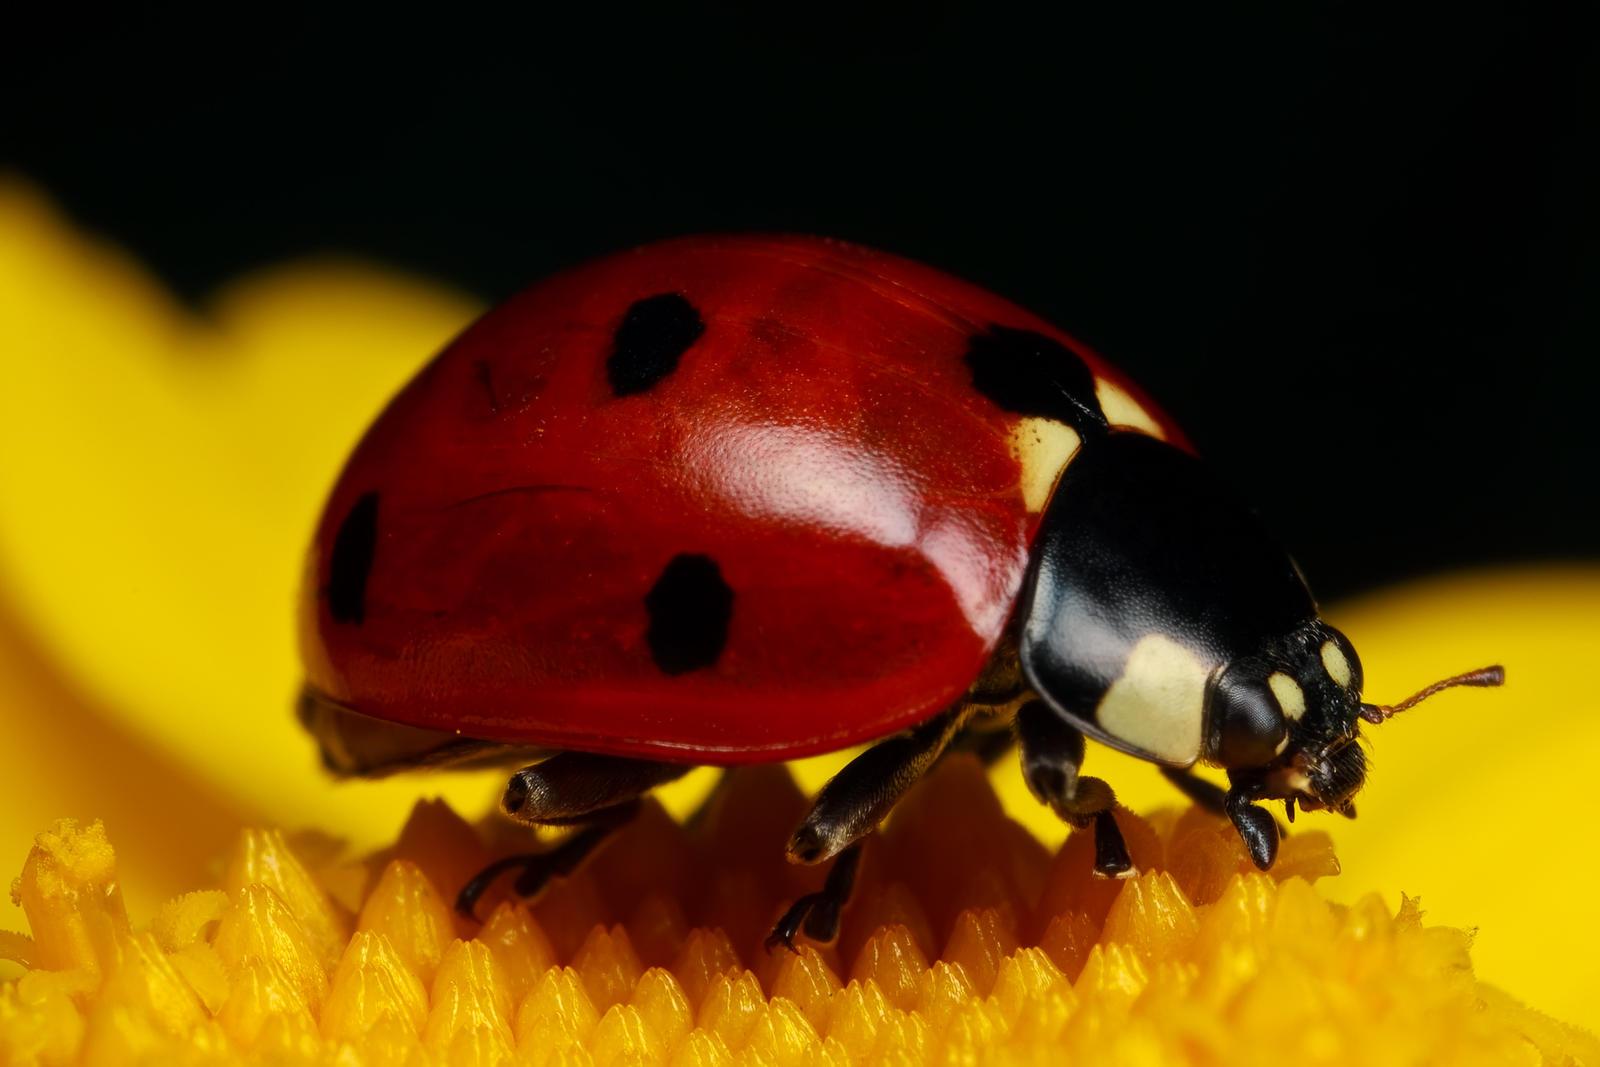 Ladybug on Yellow III by dalantech